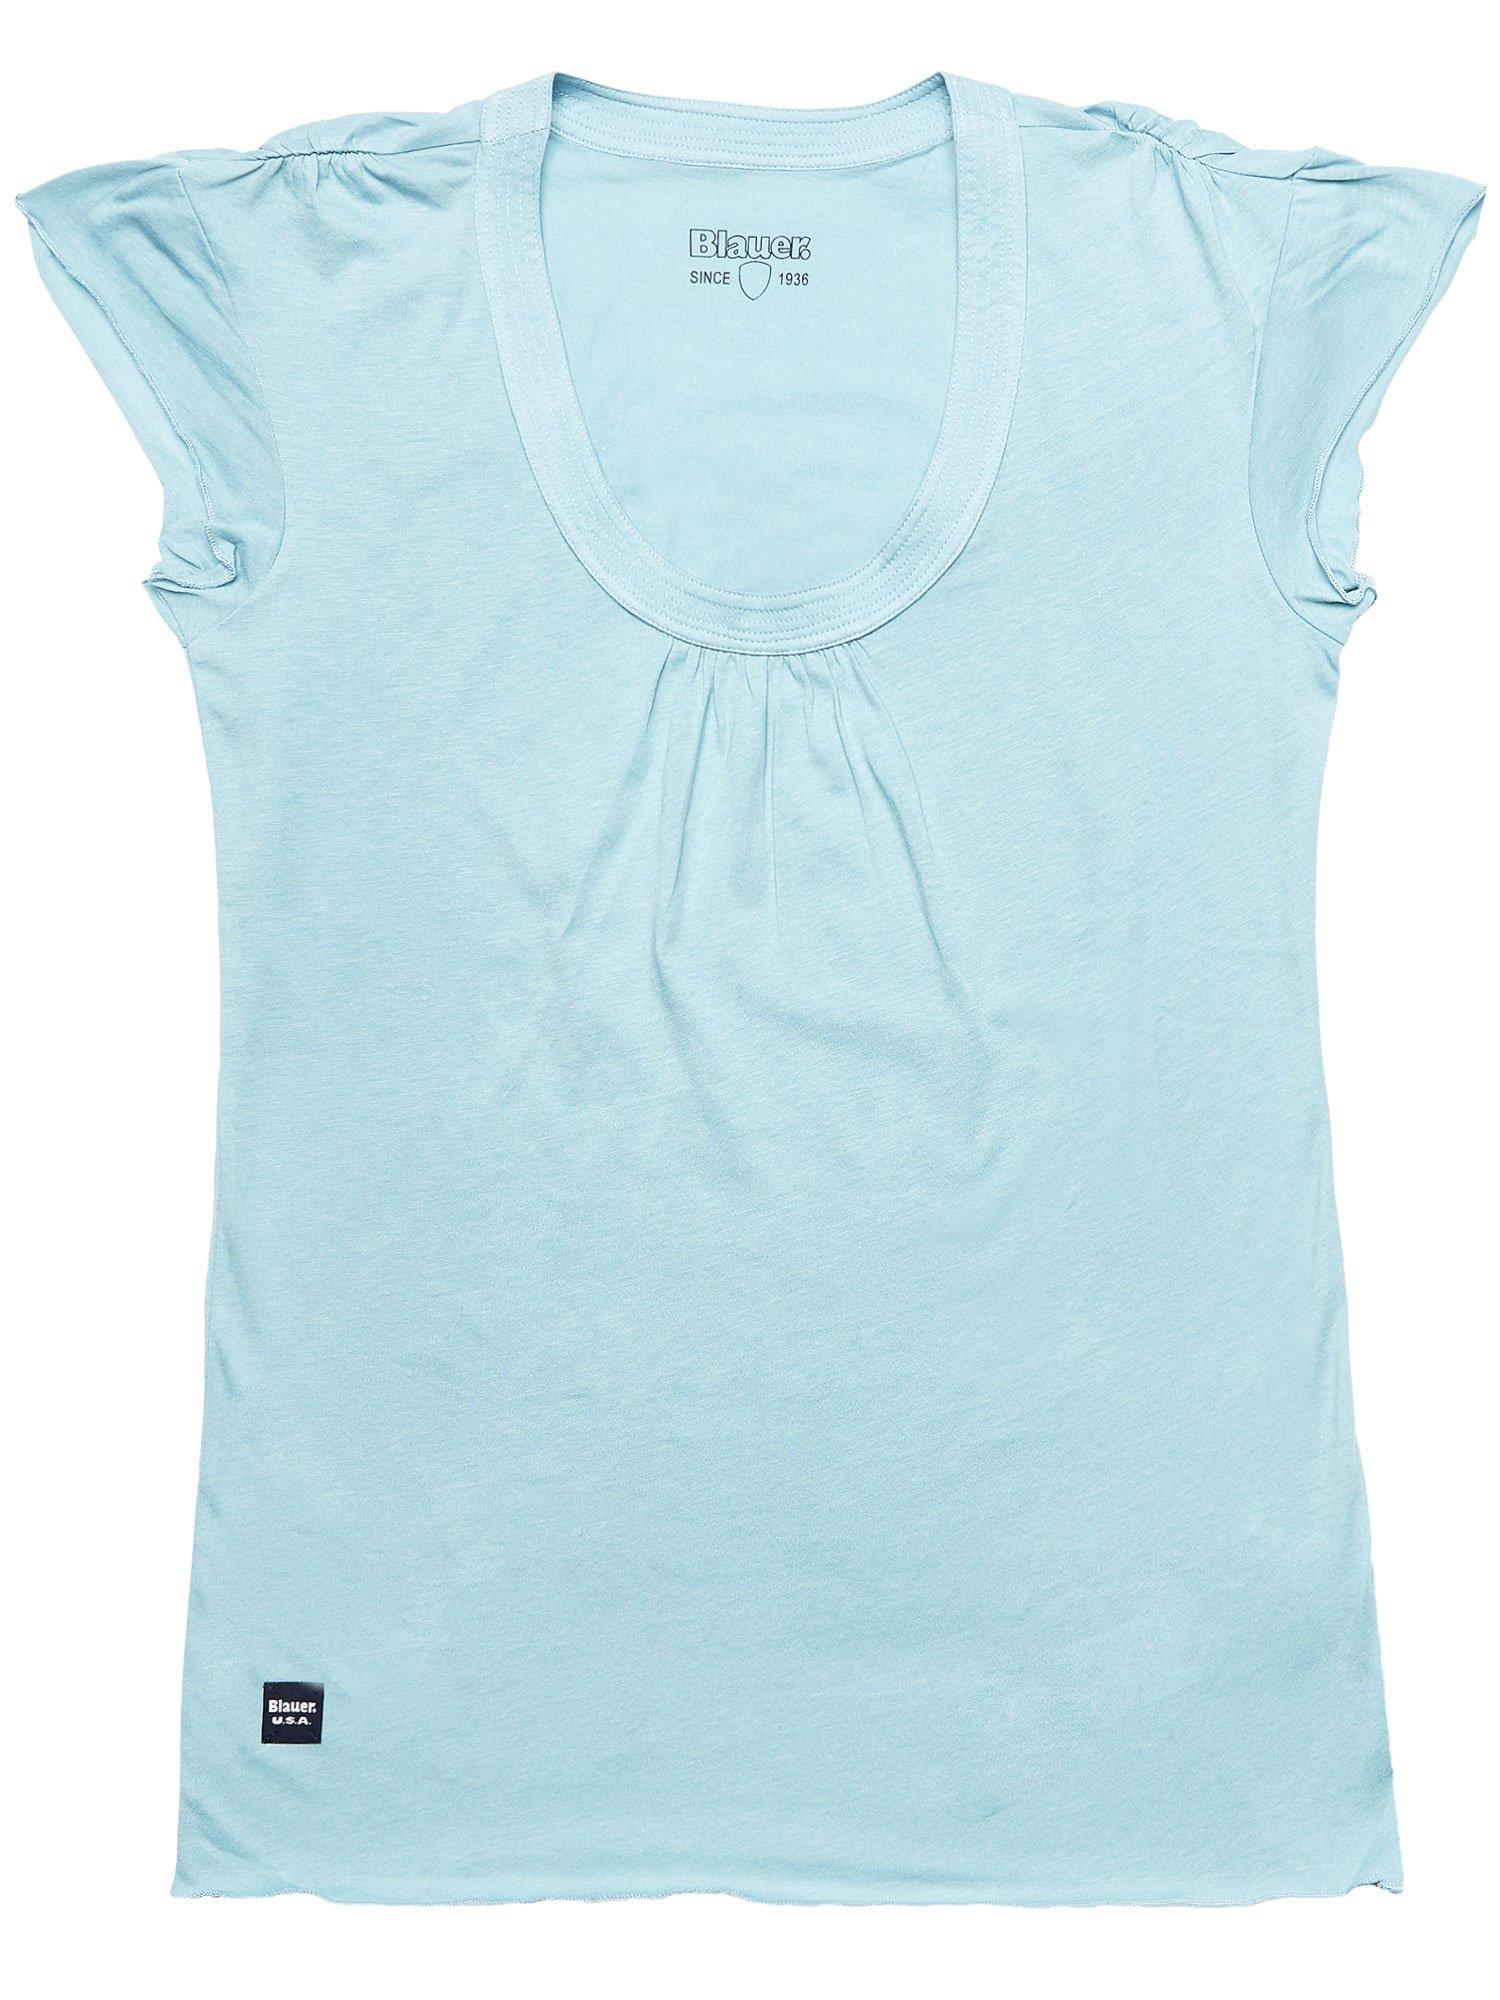 CAP SLEEVE T-SHIRT - Blauer